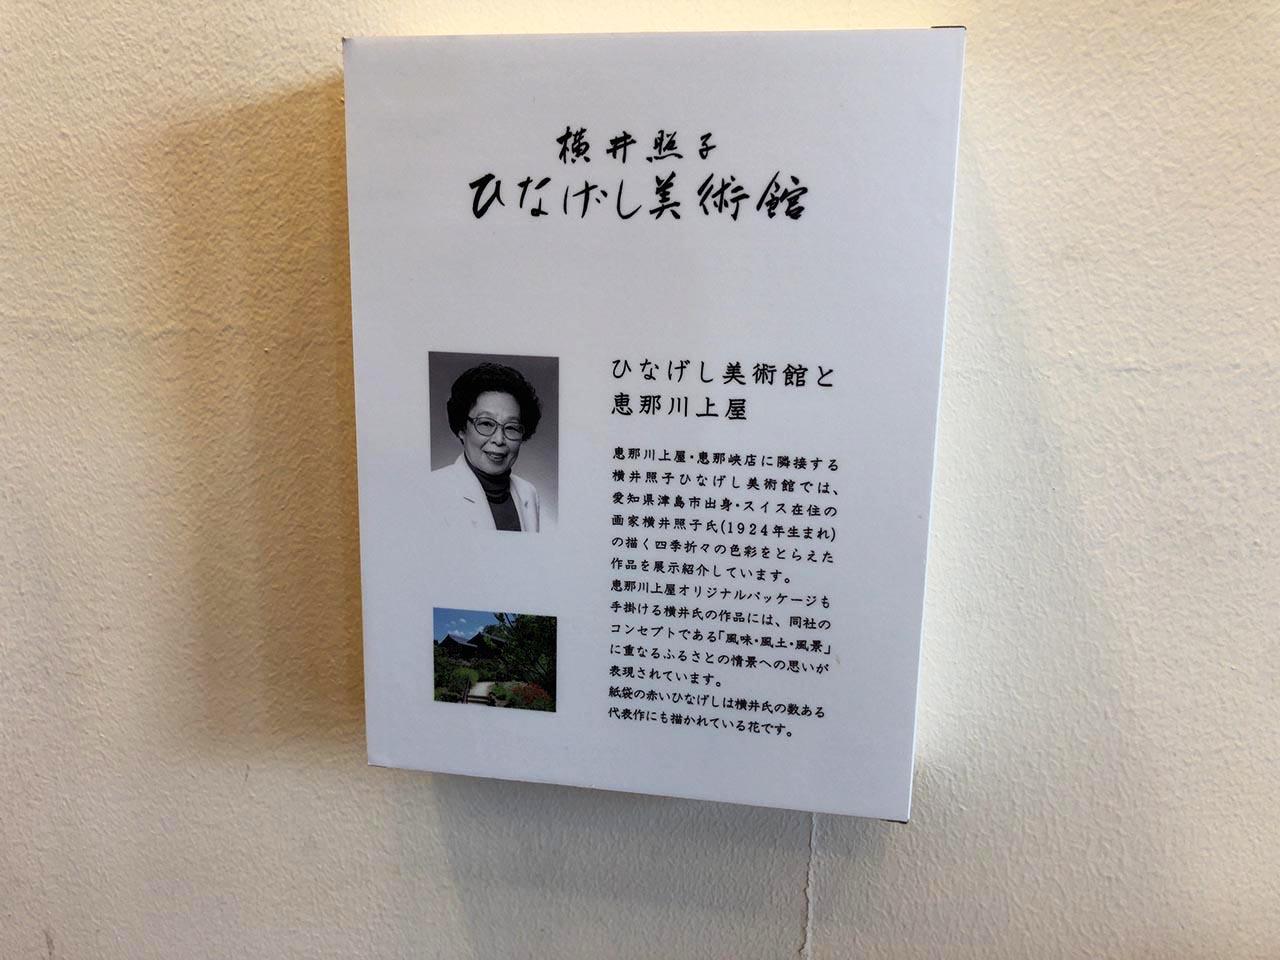 青い山脈をイメージした恵那川上屋中央店のひなげし美術館の紹介